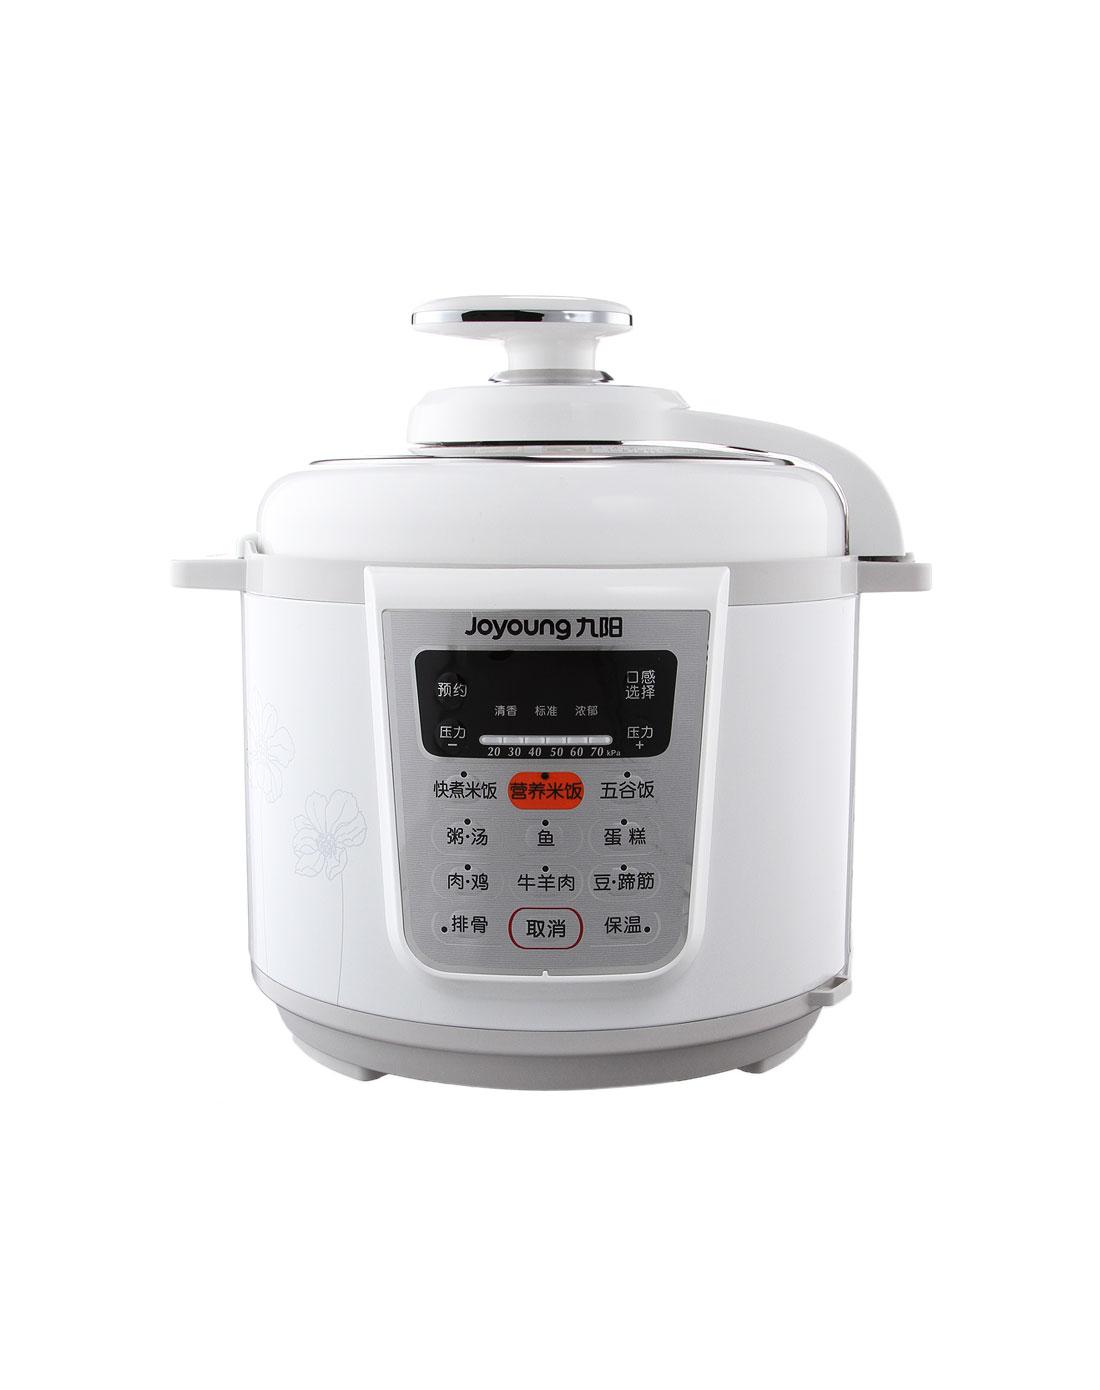 智能调压微电脑控制电压力锅5升(白色)